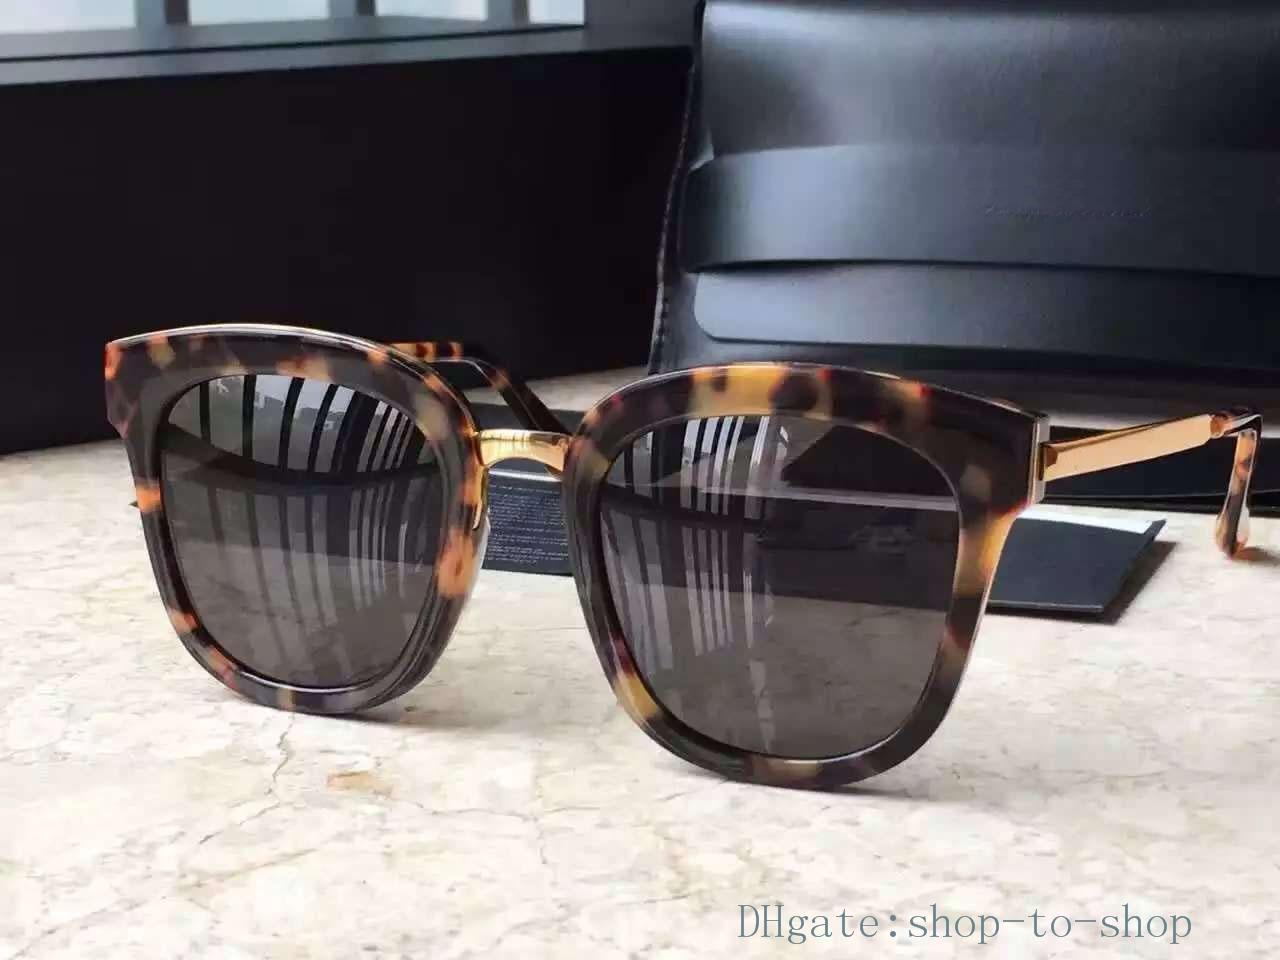 lunettes de soleil ABSENTglasses lunettes 100% Haute qualité Avec l'emballage d'origine